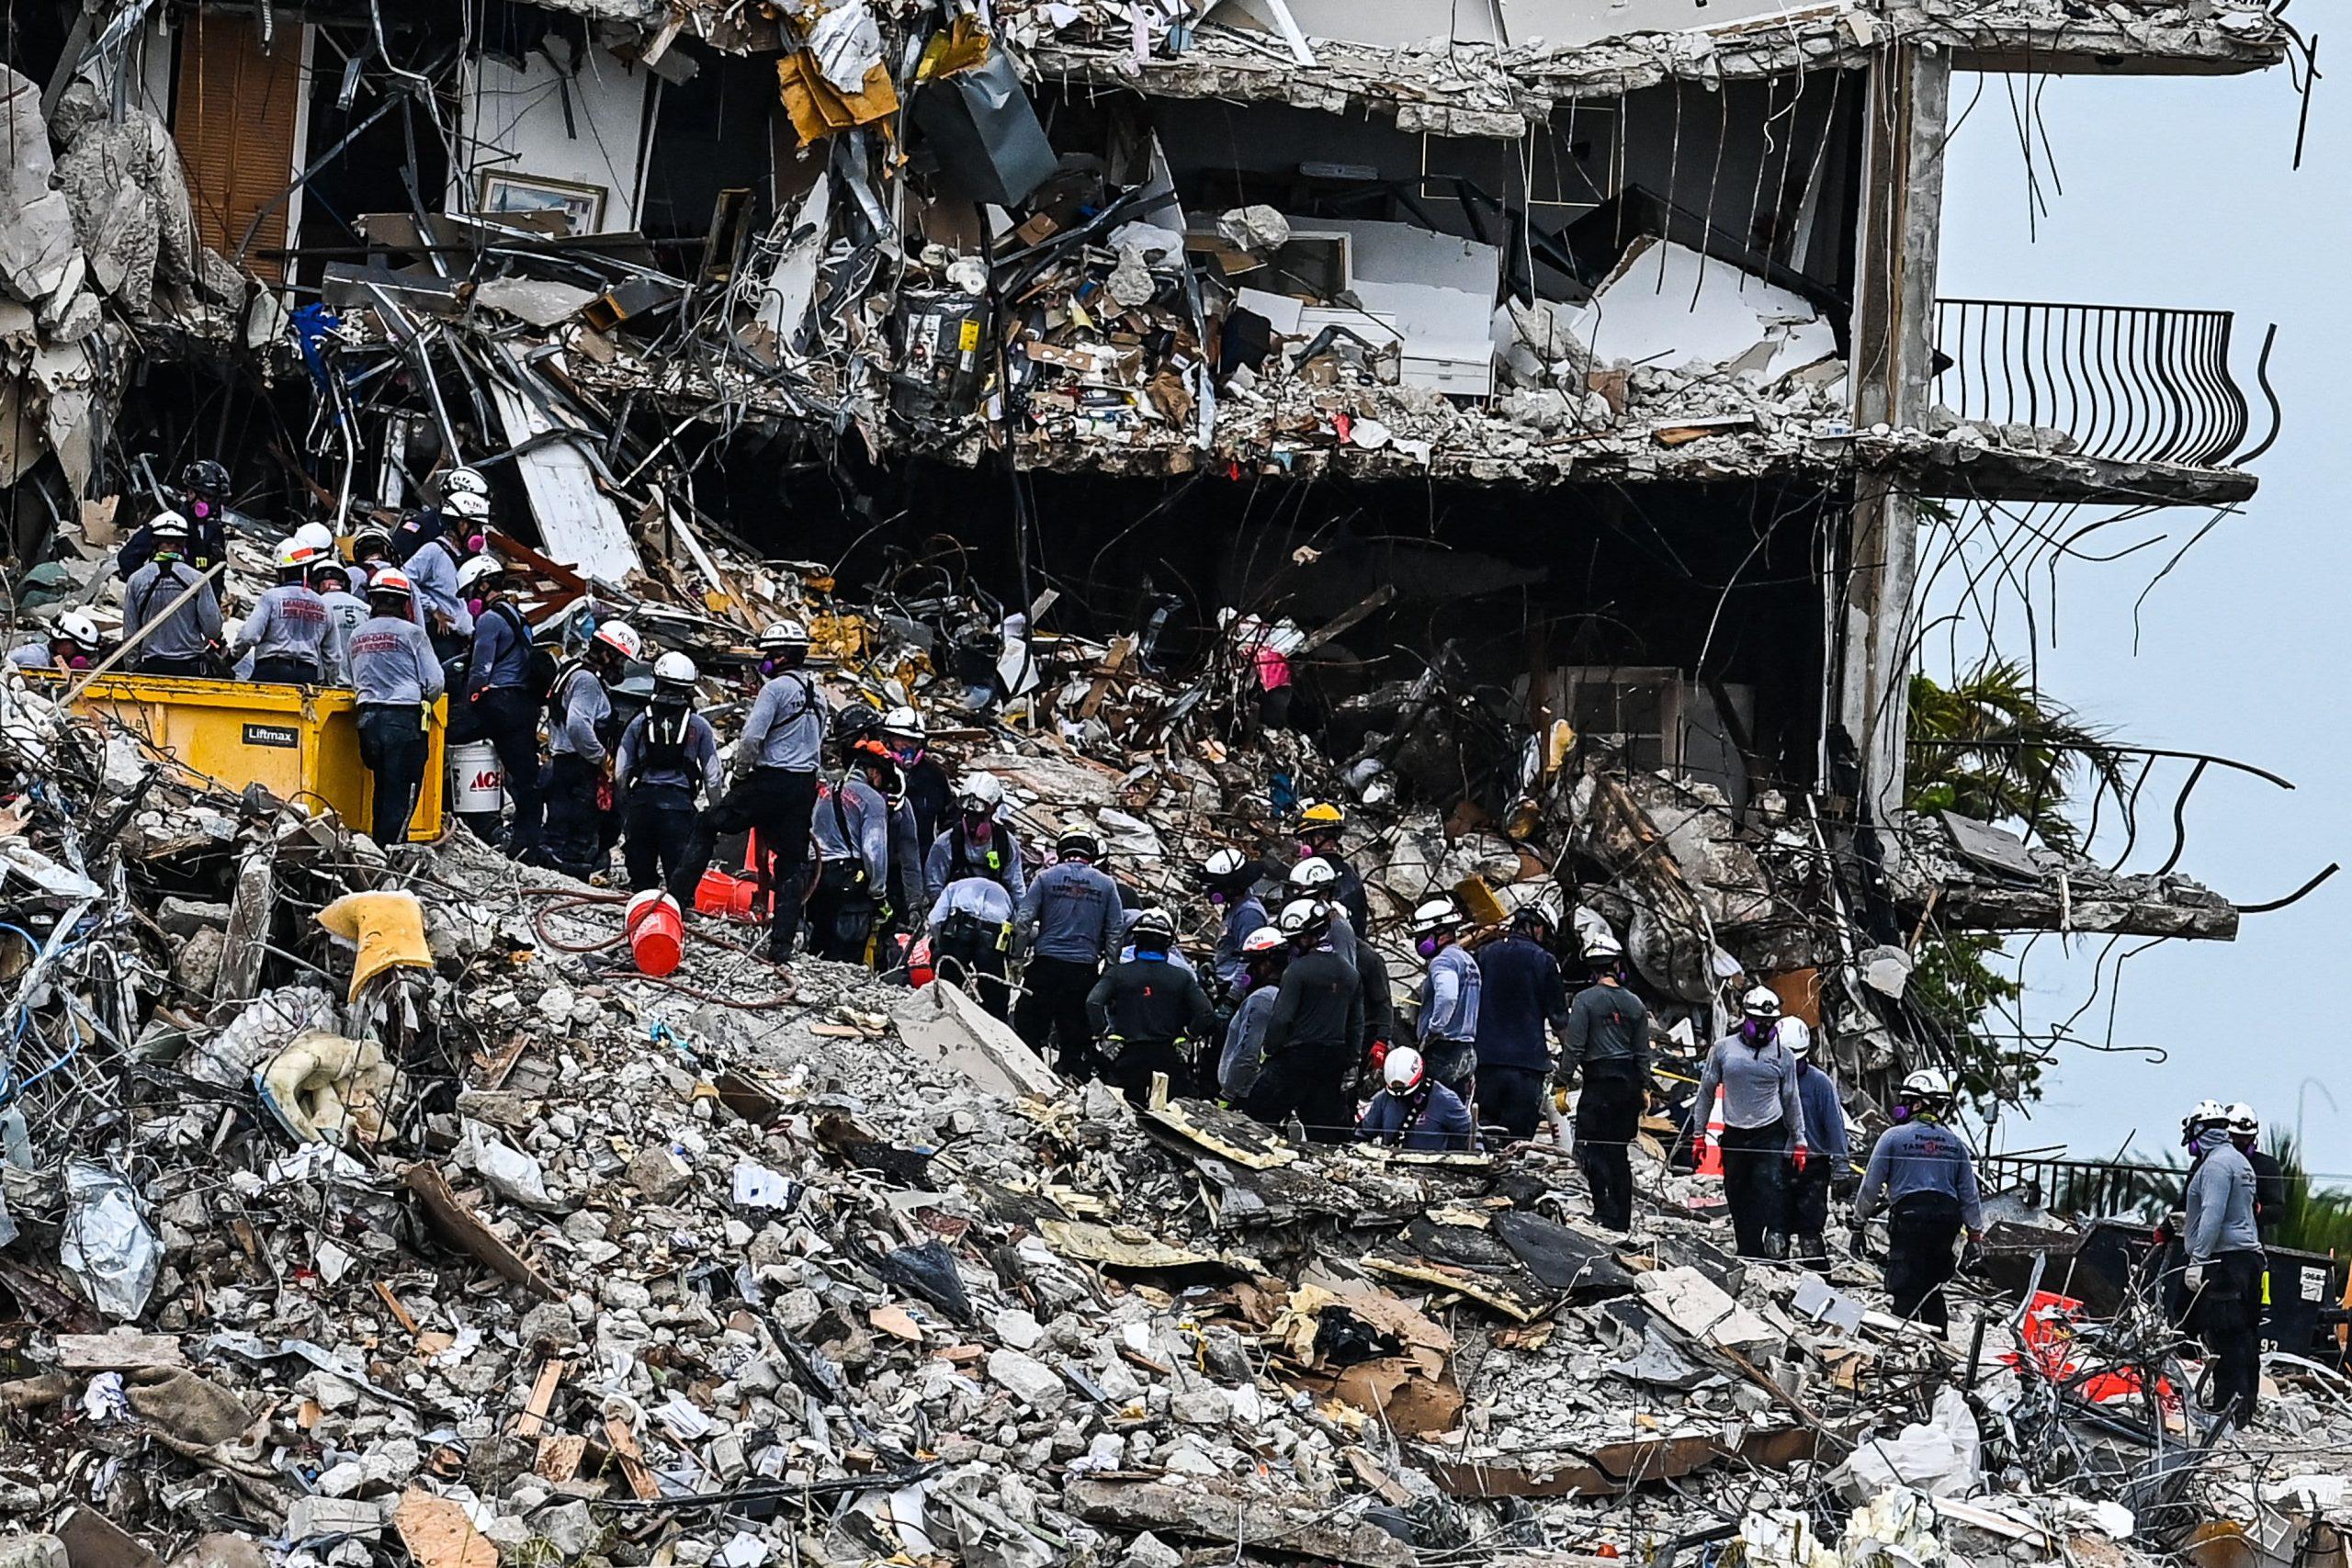 El número de muertos aumenta a 18 en el colapso de un condominio en Florida, faltan puntuaciones mientras continúa la búsqueda y el rescate